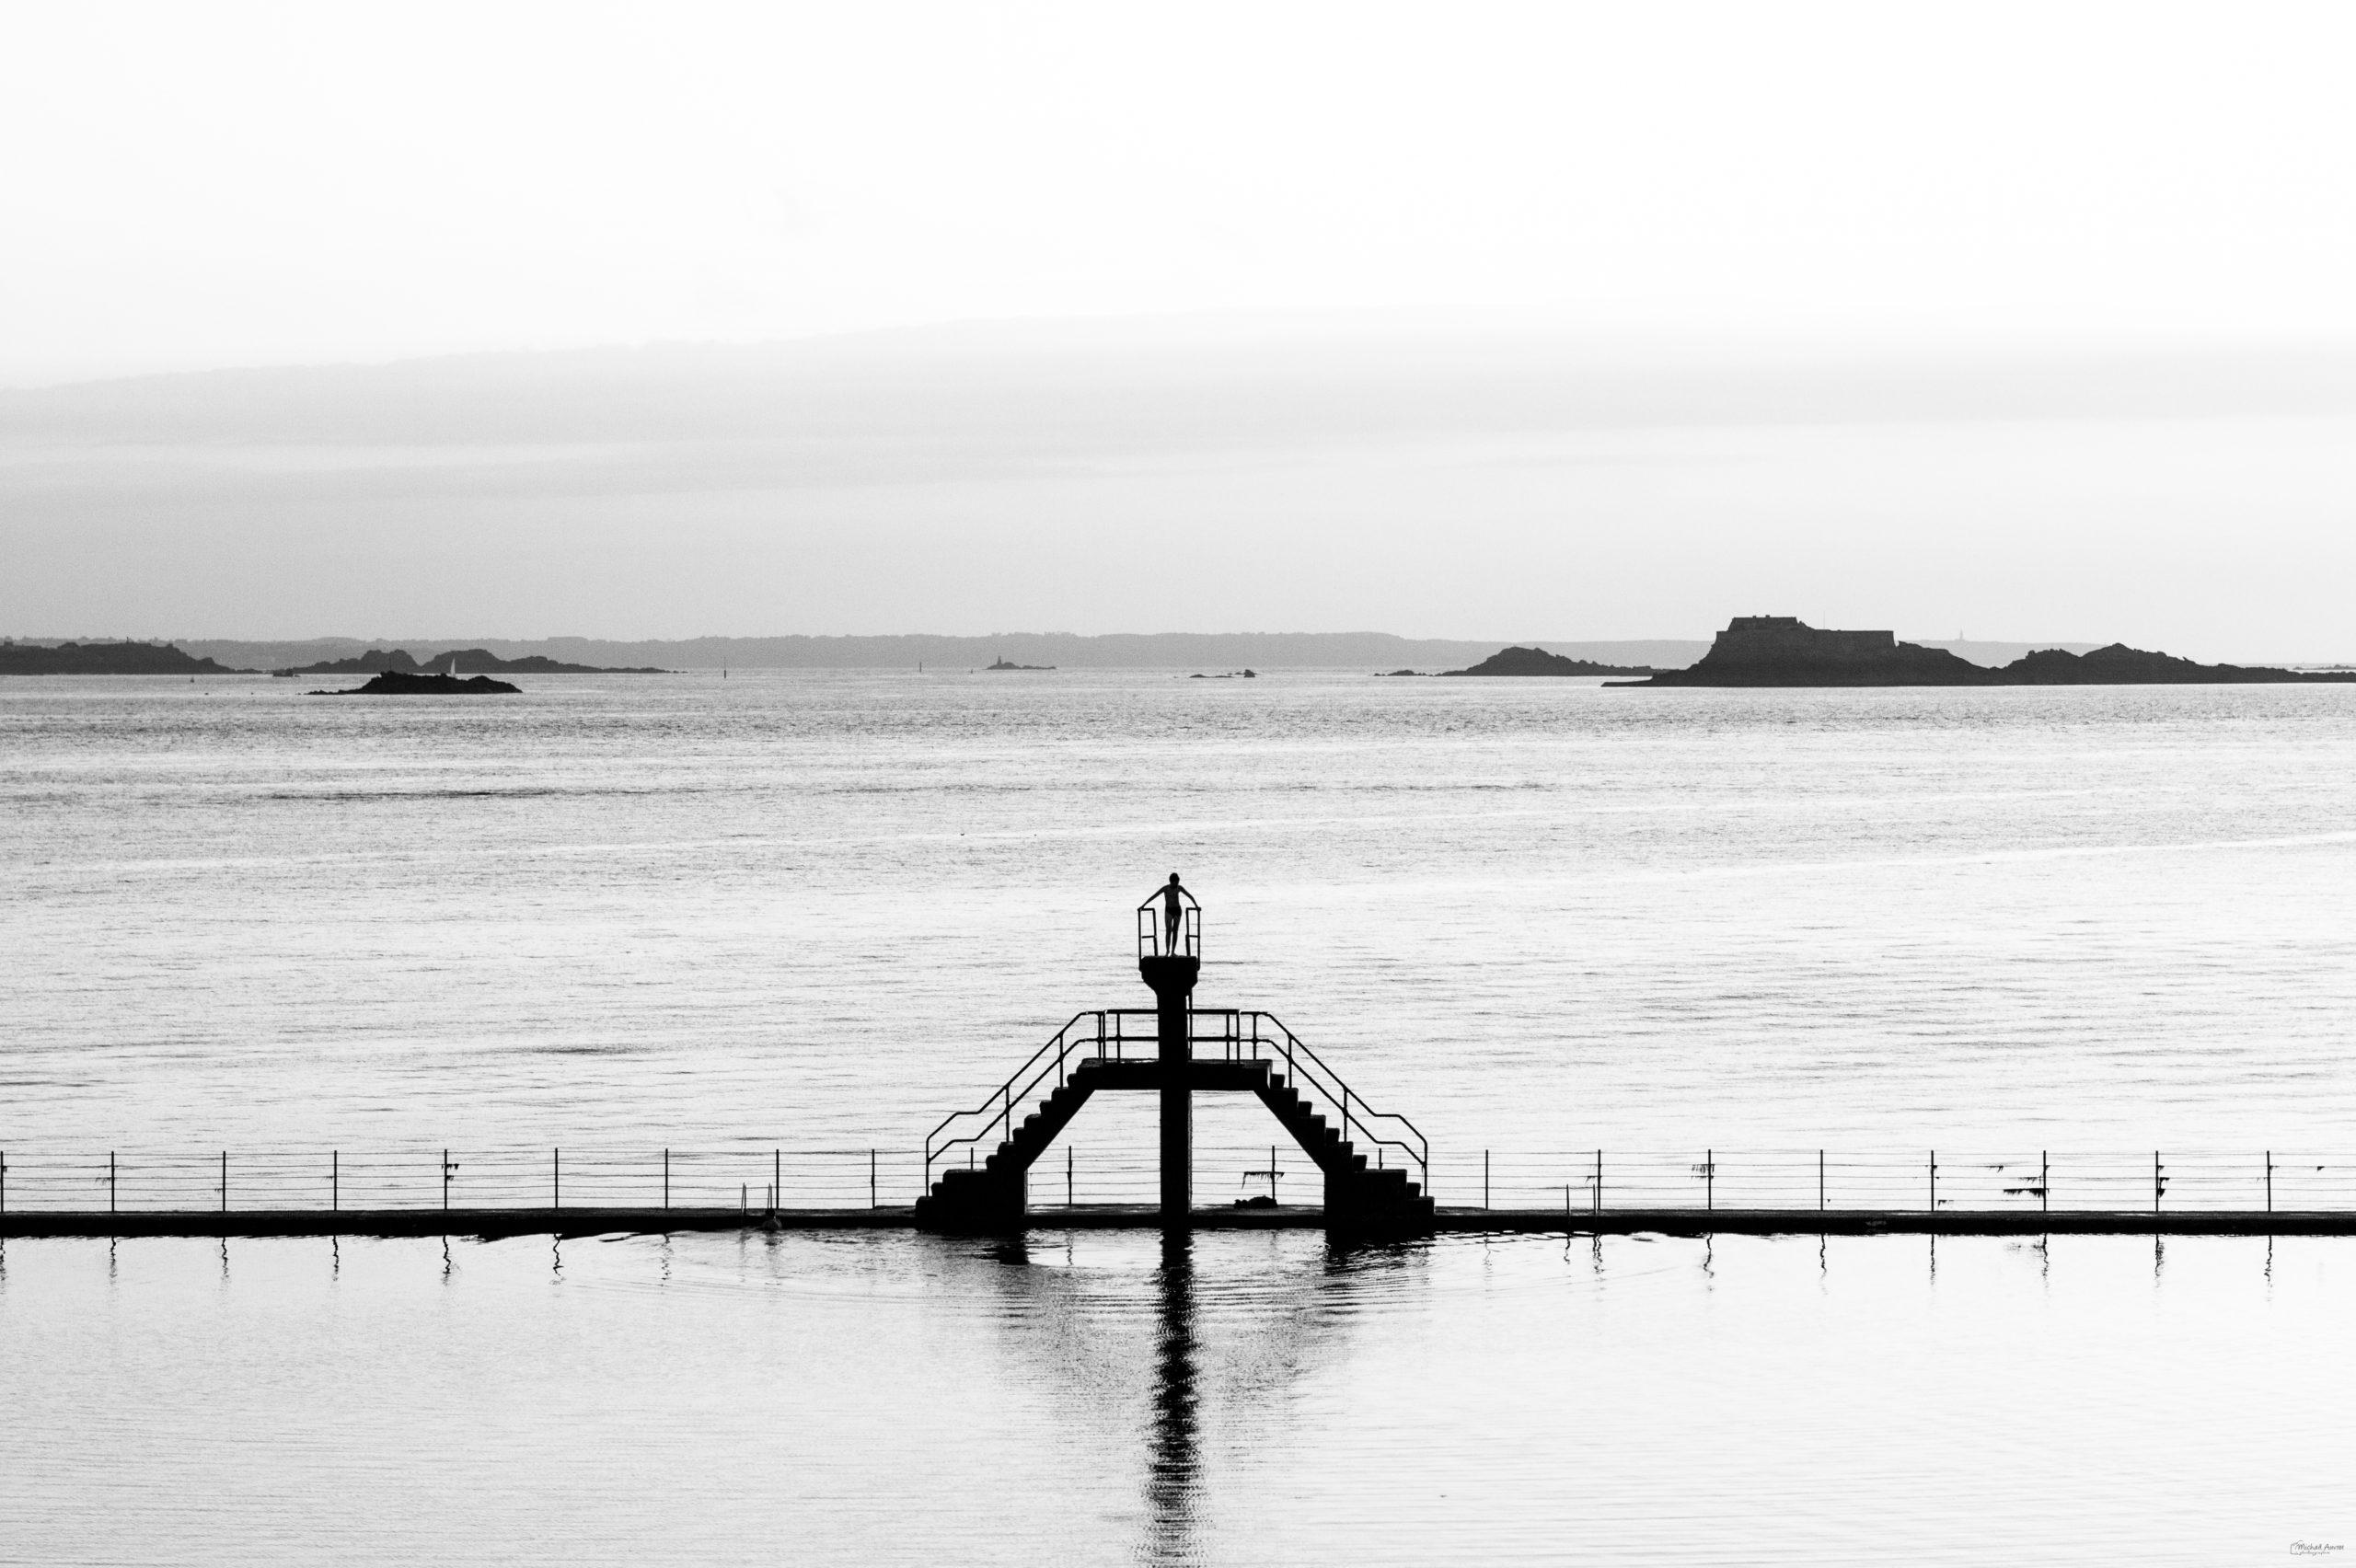 Saint Malo plongeoir bon secours